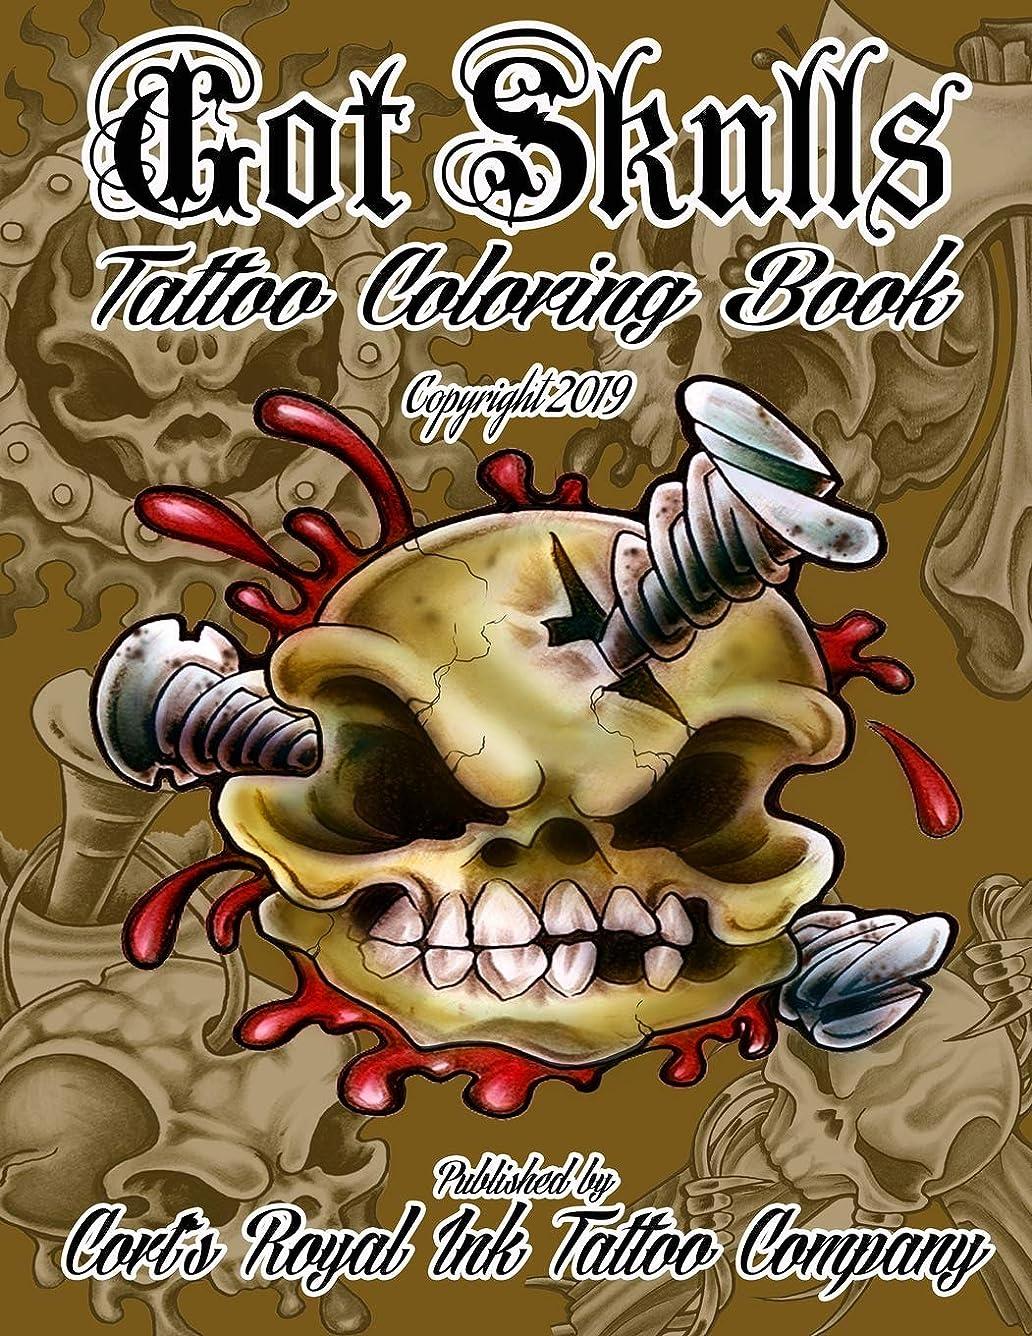 不利もの辛いGot Skulls Tattoo Coloring Book: Tattoo Coloring Book of Skulls